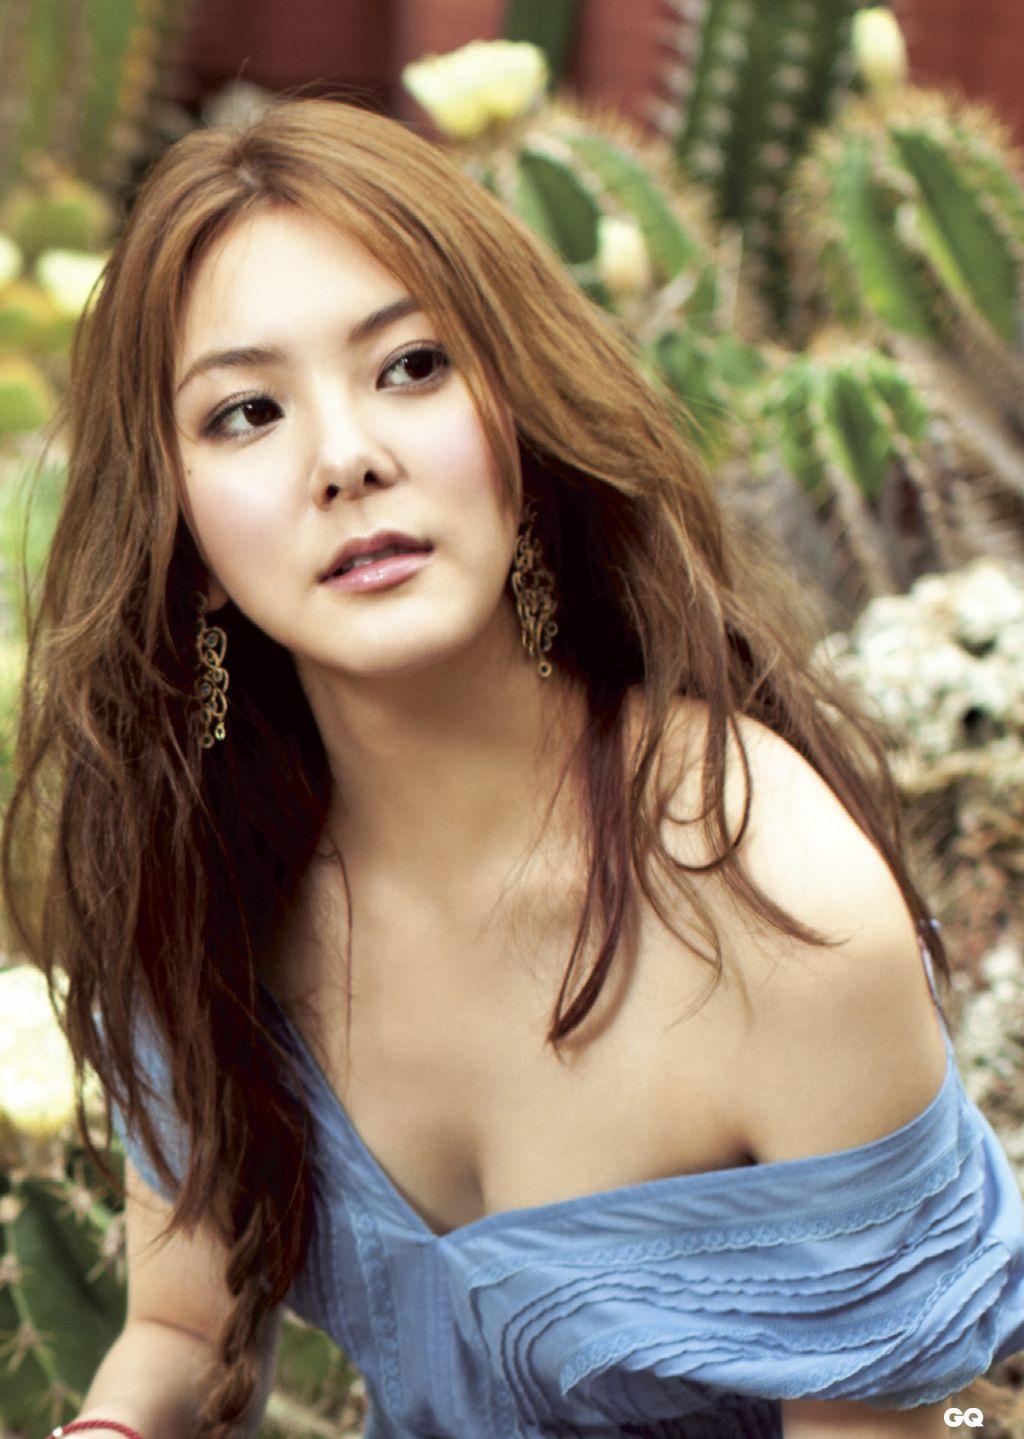 Zhu zhu actress wiki